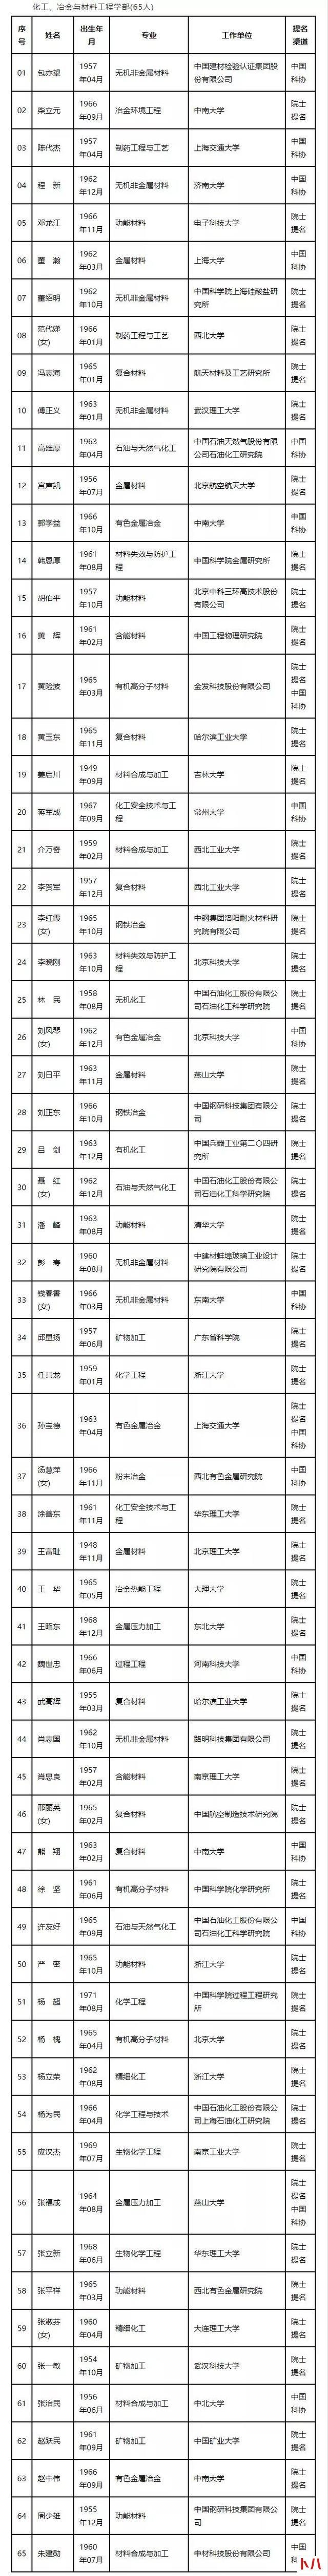 百度李彦宏王海峰、阿里王坚、微软沈向洋,谁会成为新院士?